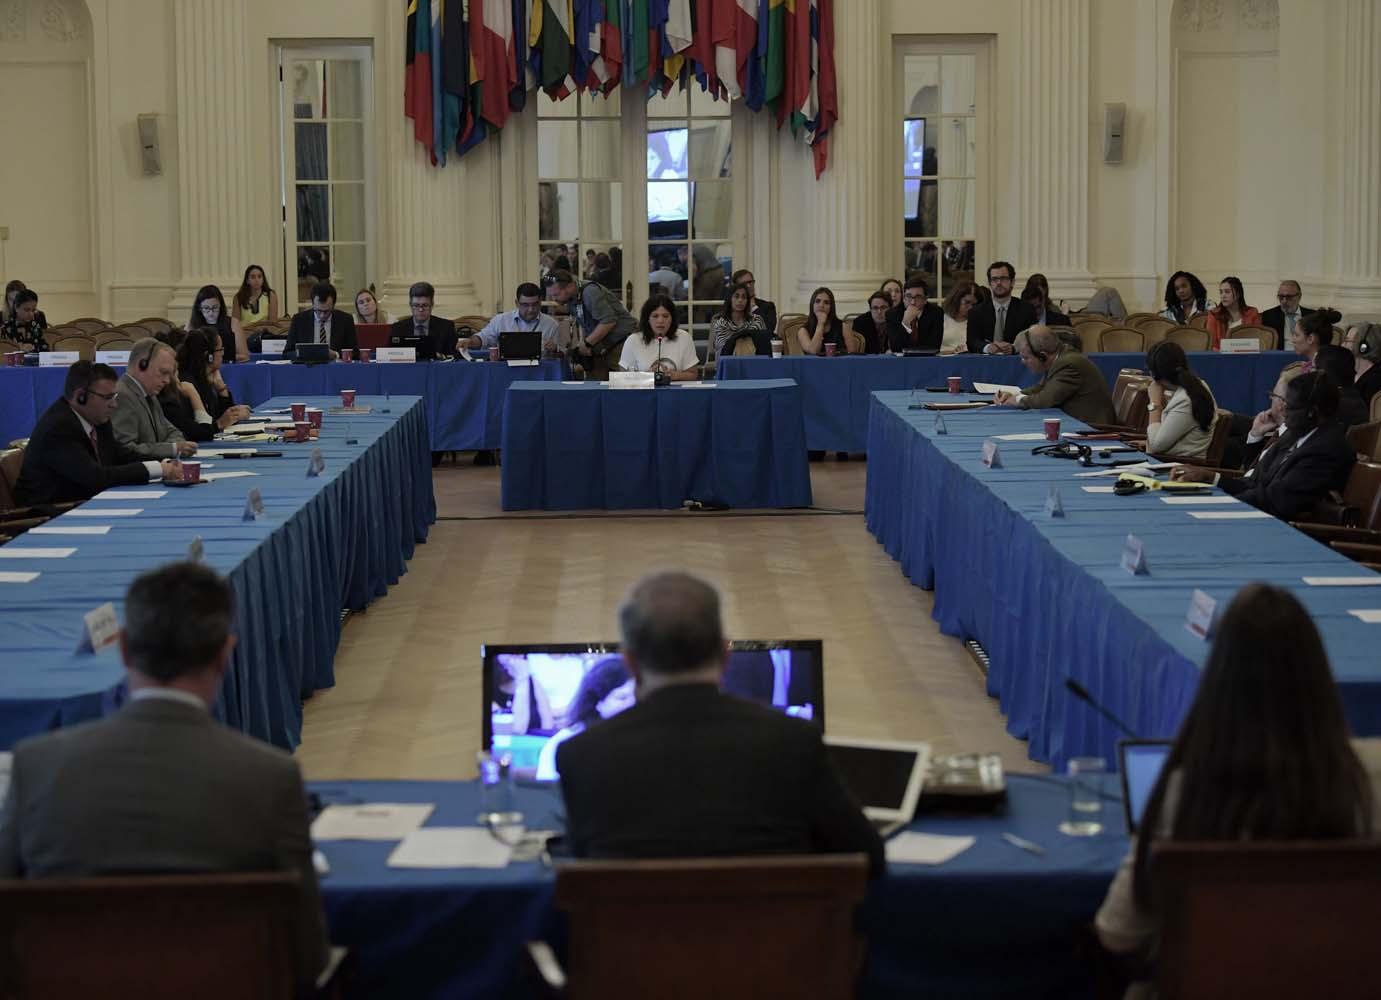 WAS10. WASHINGTON (DC, EEUU), 14/09/2017.- Johanna Aguirre (c-fondo), activista de Derechos Humanos y viuda del activista José Alejandro Márquez Fagundez, habla durante una audiencia pública hoy, jueves 14 de septiembre 2017, en la sede de la Organización de los Estados Americanos (OEA) en Washington, DC (EE.UU.). La OEA inició hoy las audiencias públicas en las que se determinará si hay fundamento para denunciar al Gobierno de Venezuela por crímenes de lesa humanidad ante la Corte Penal Internacional (CPI). EFE/Lenin Nolly